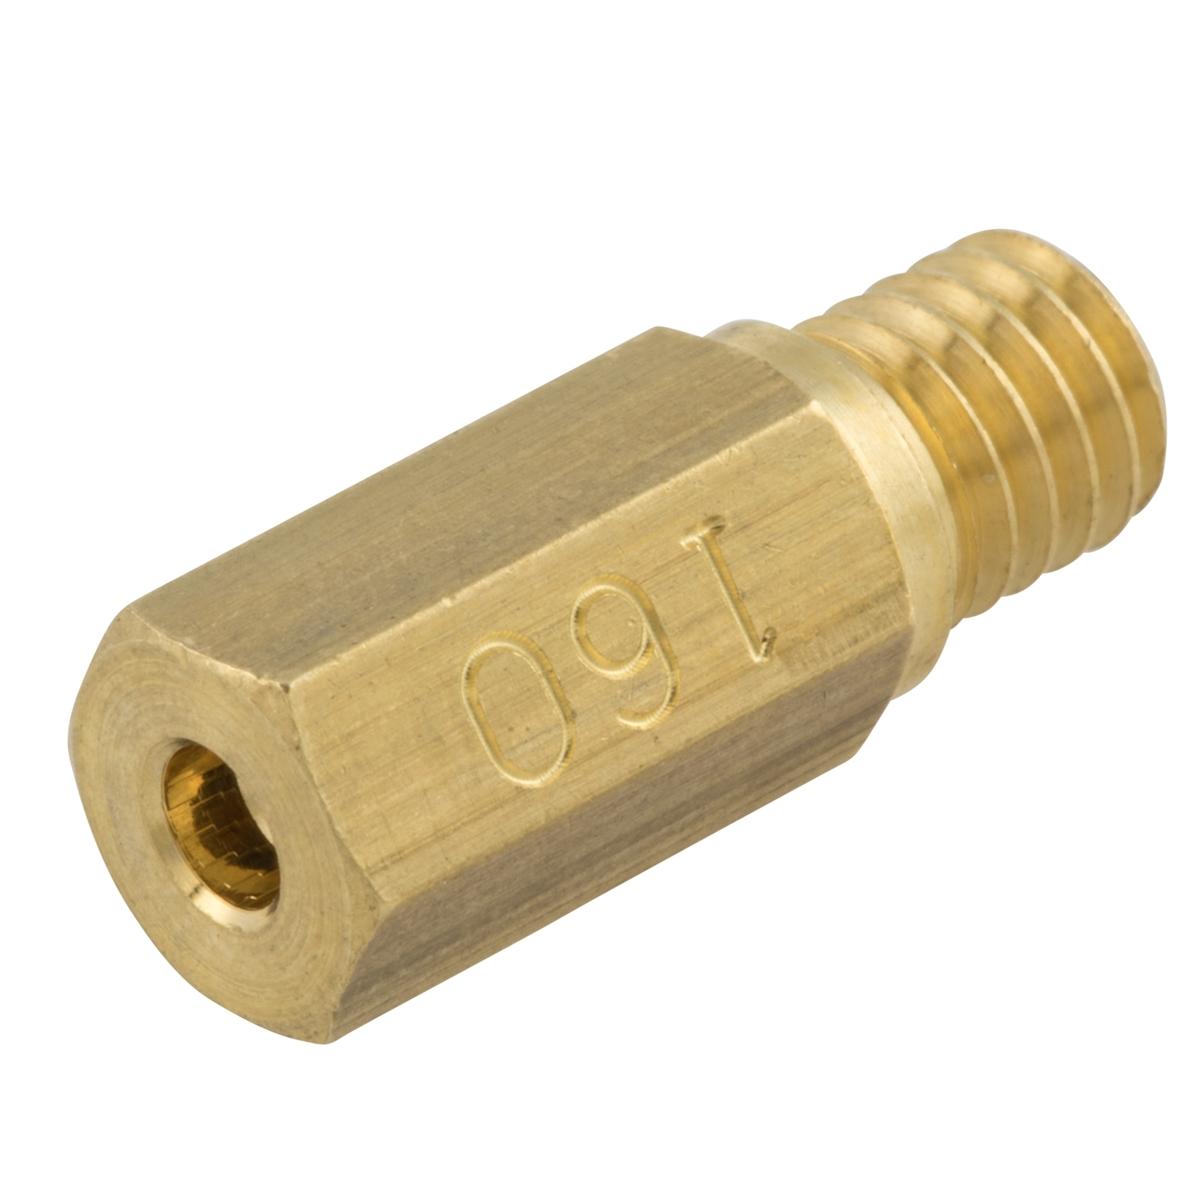 Productafbeelding voor 'Sproeier KMT 140 Ø 6 mmTitle'